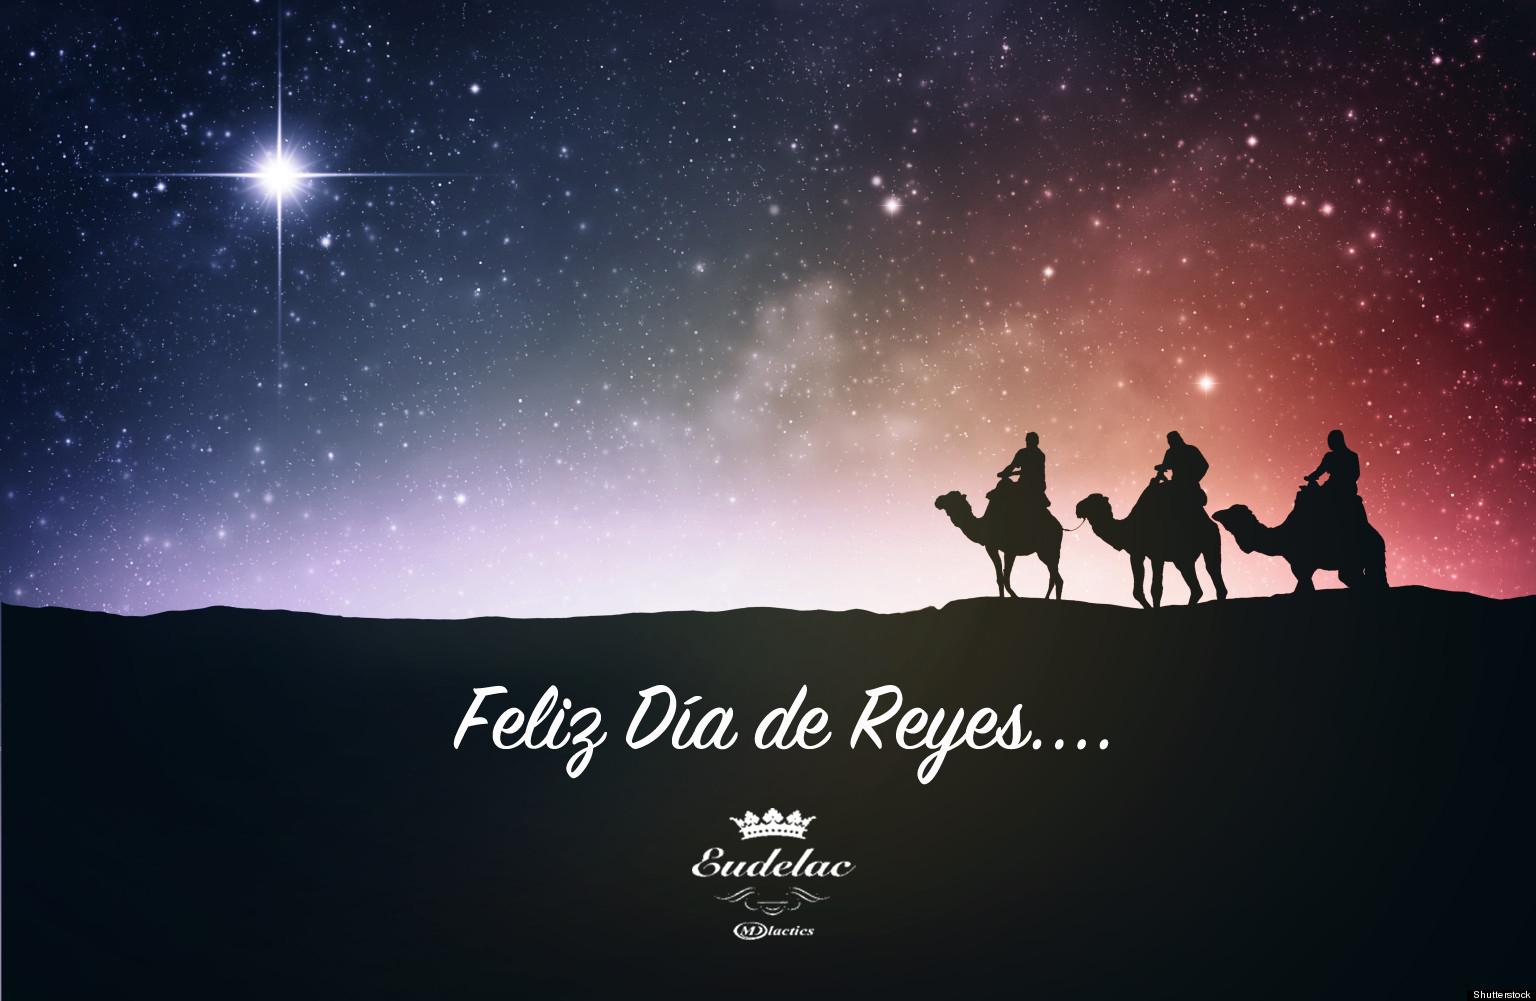 Feliz Día De Reyes Eudelac